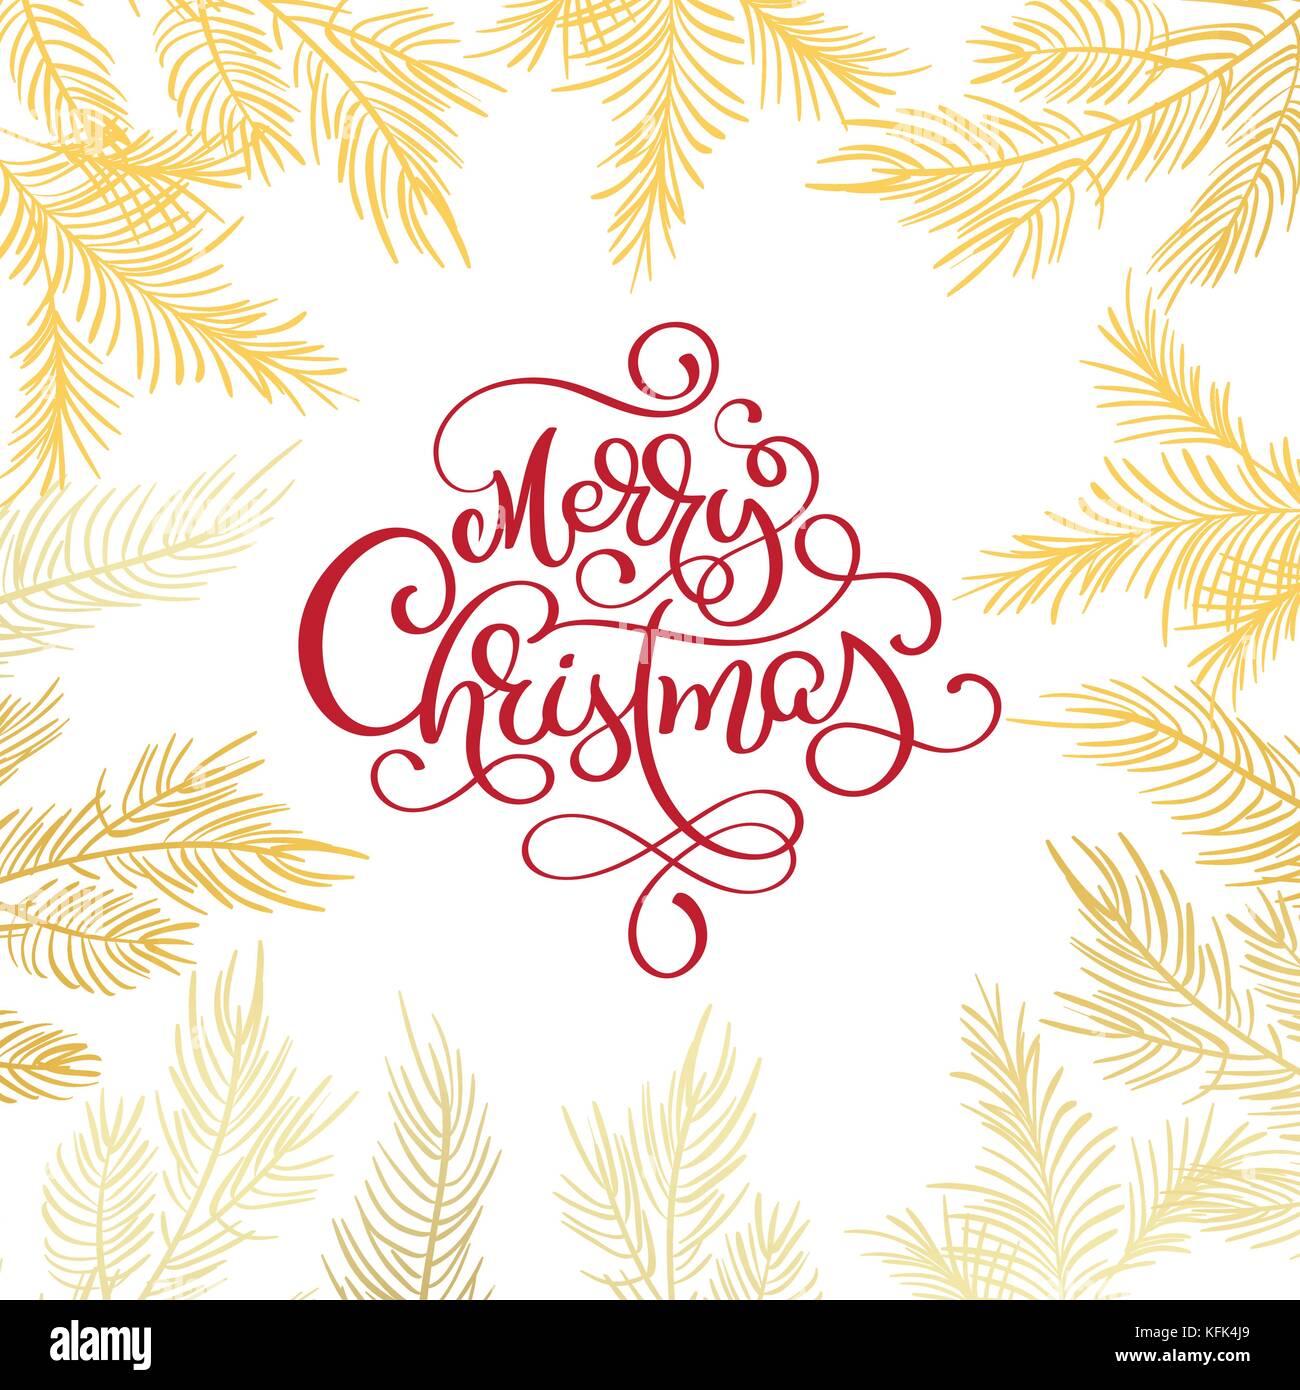 Frohe Weihnachten Text.Frohe Weihnachten Text Und Tannenbaum Grenze Vector